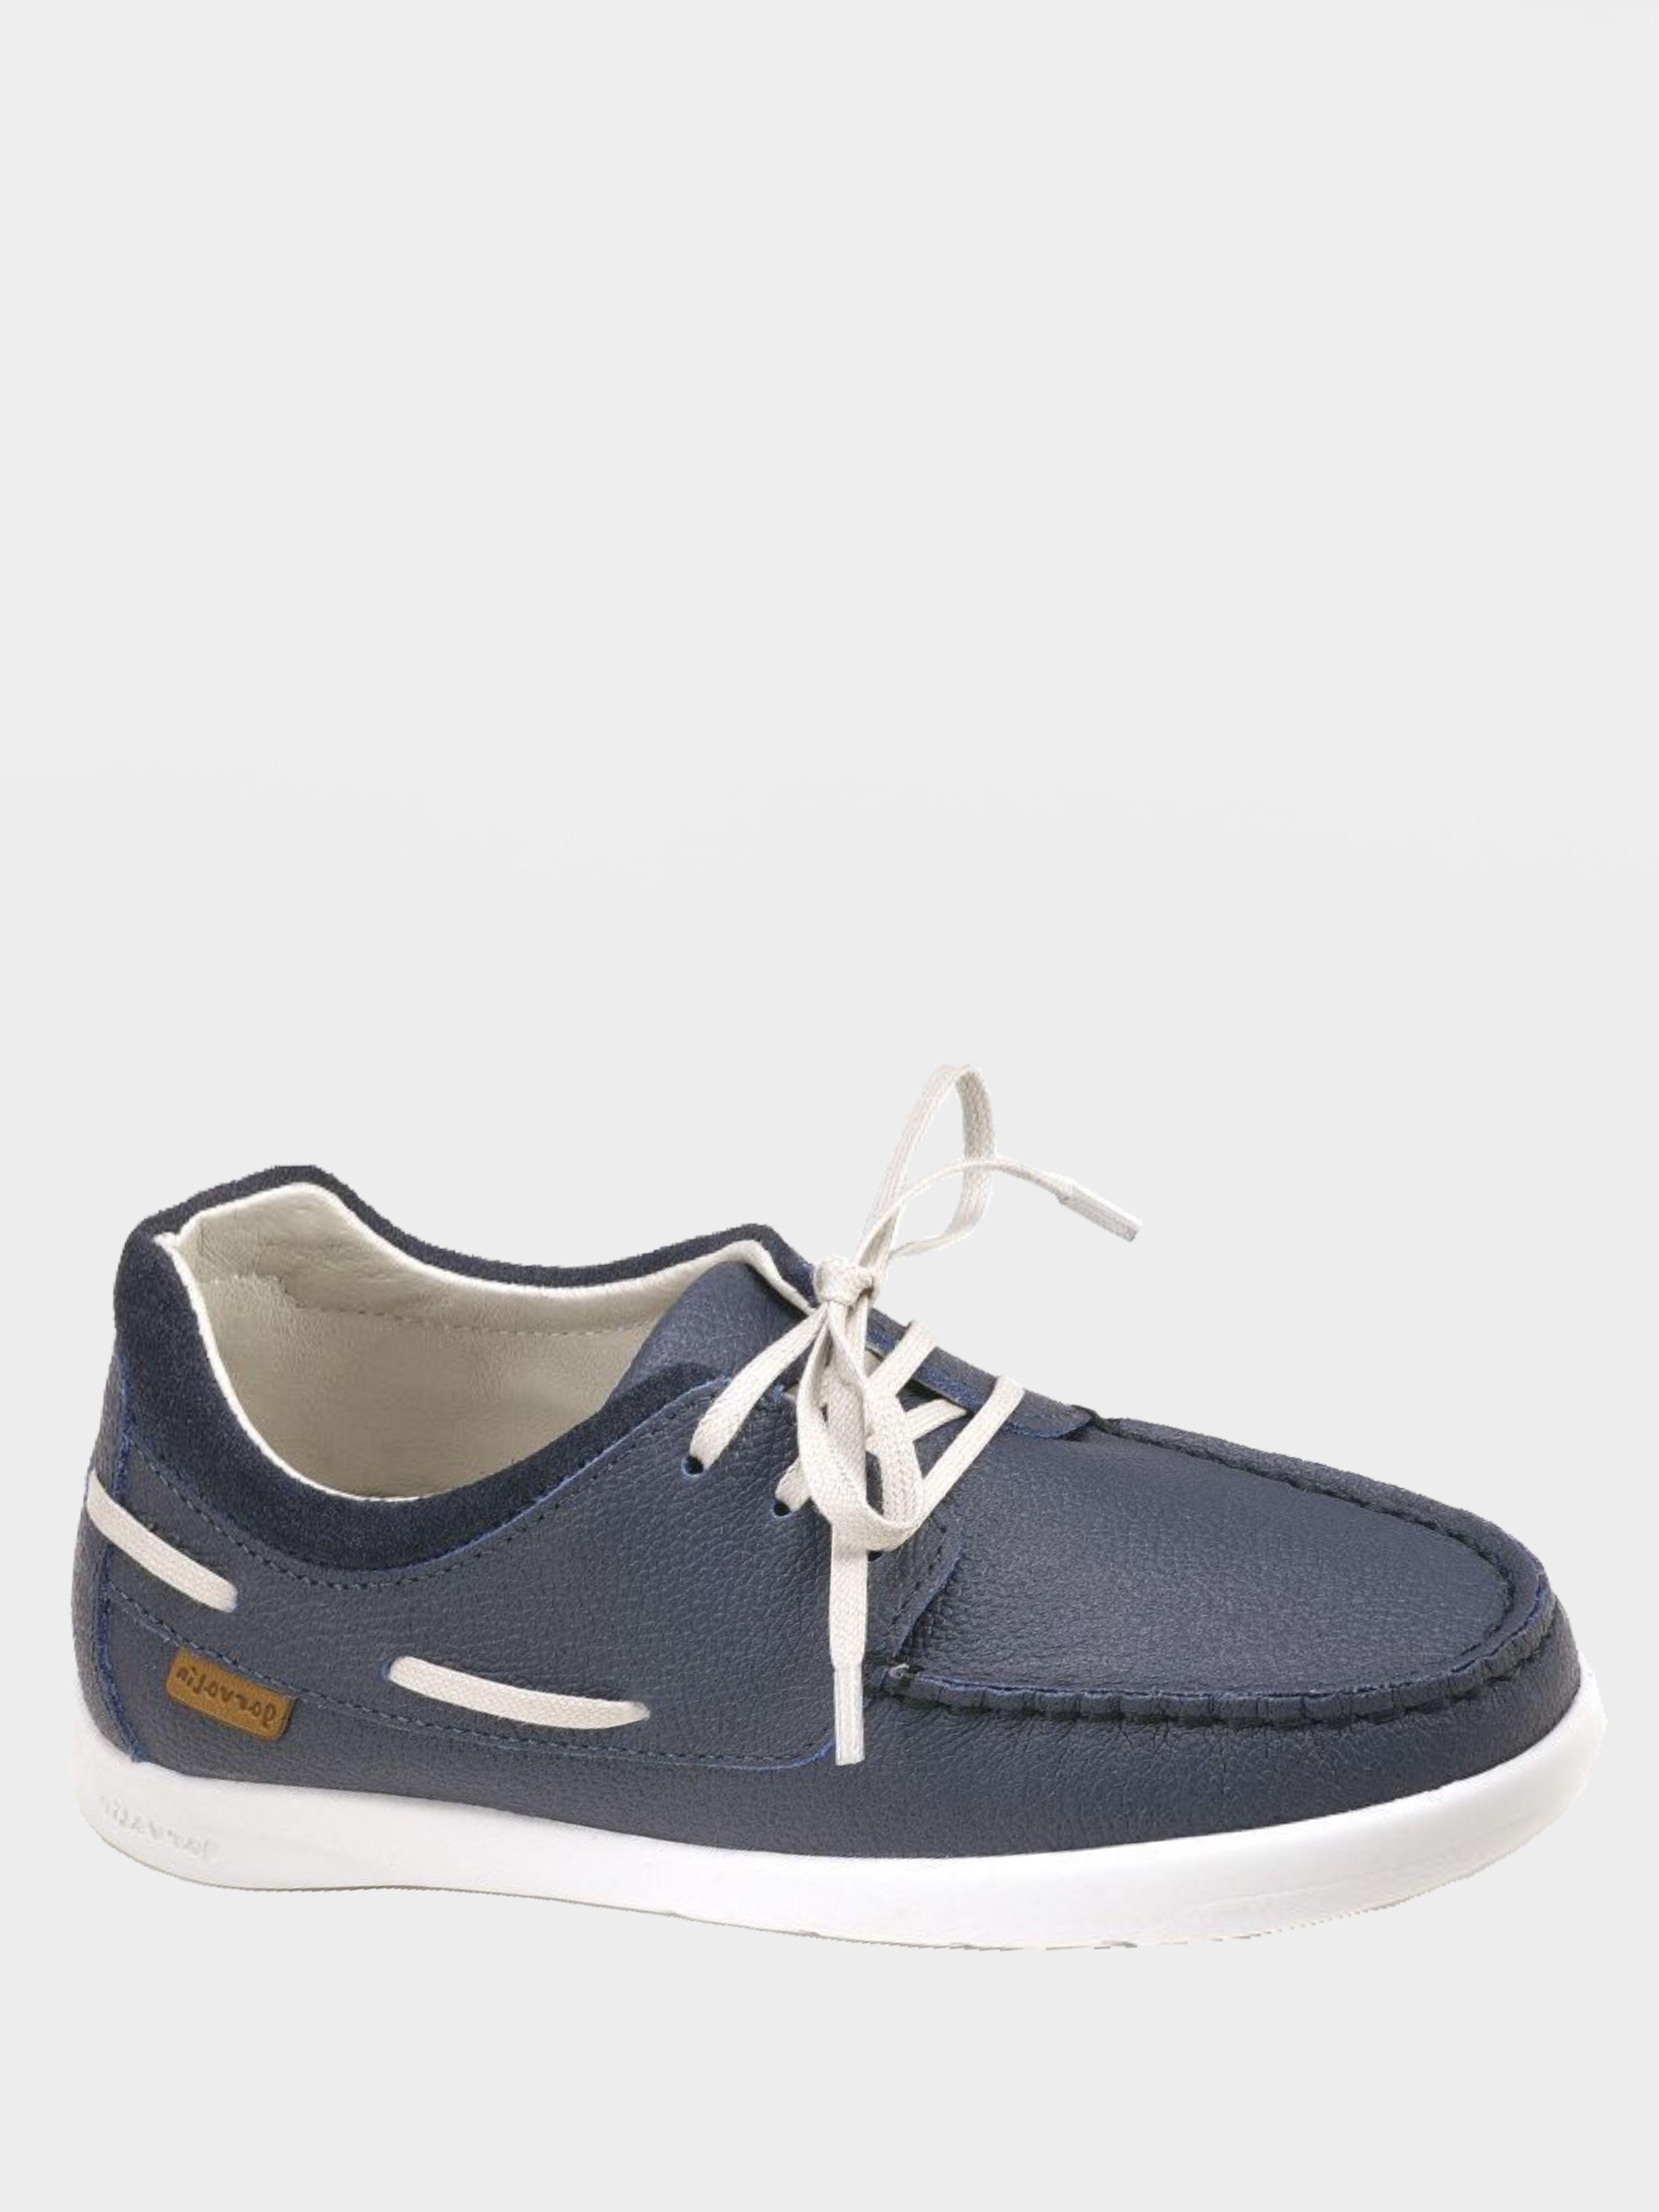 Мокасины для детей Garvalin GL538 размерная сетка обуви, 2017